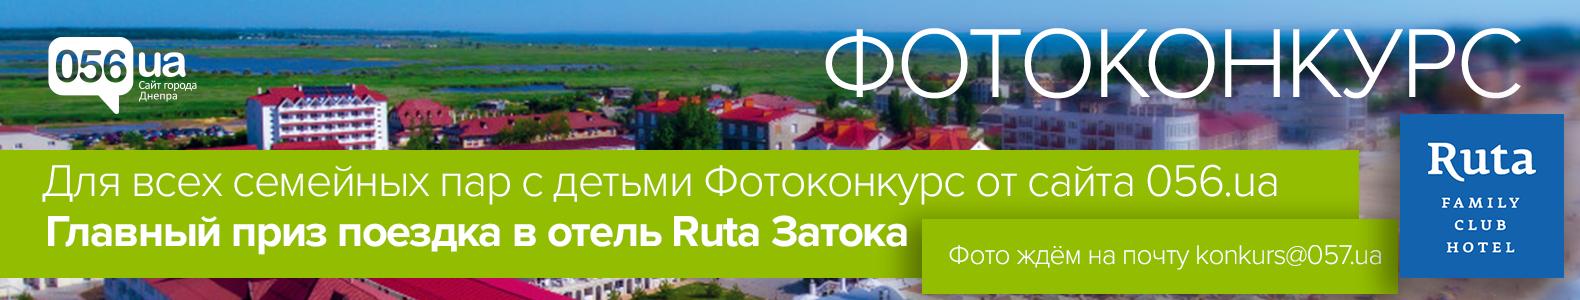 """Фотоконкурс """"Незабываемые семейные каникулы с детьми"""": выиграйте отдых на черноморском побережье"""